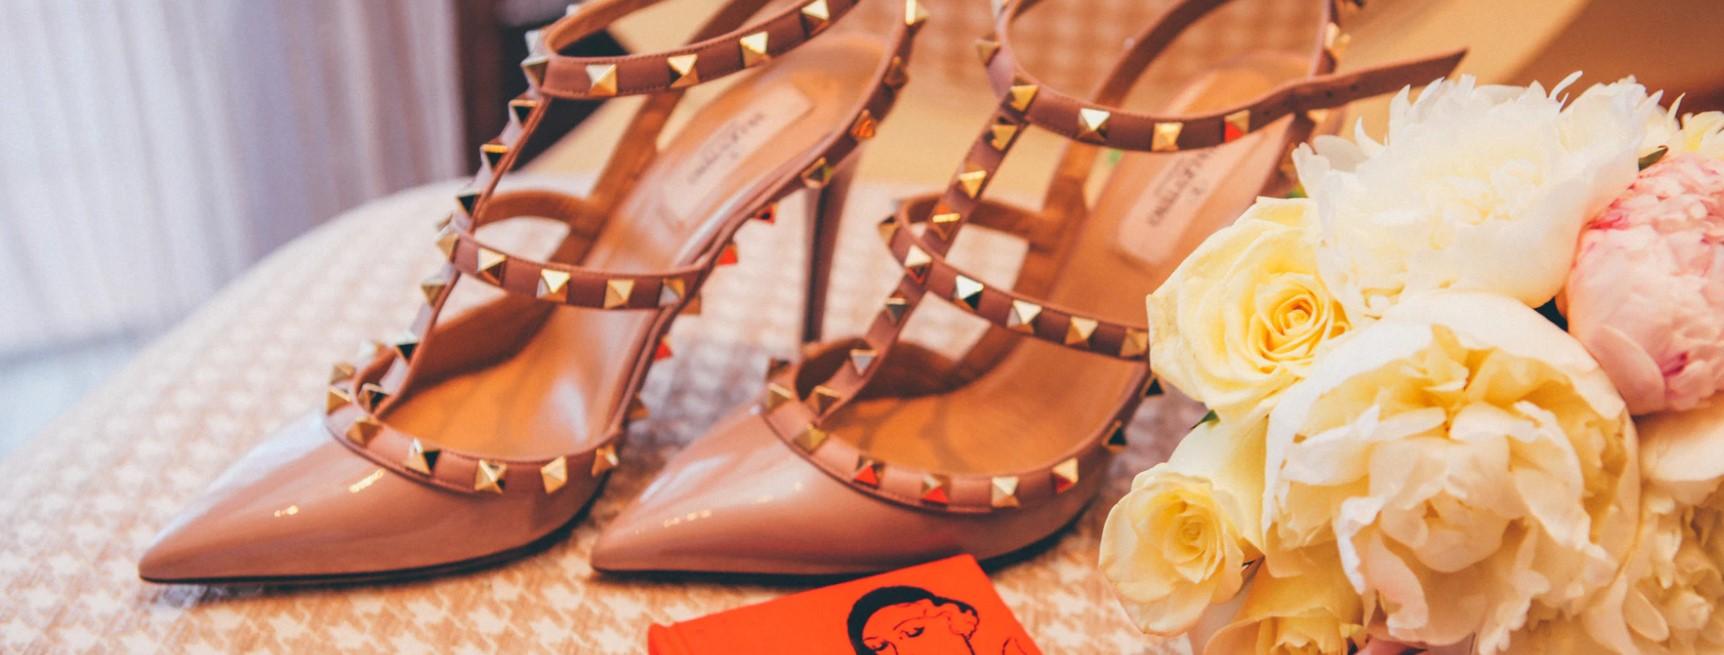 Buty gwiazd - czyli jak błyszczeć podczas ważnego przyjęcia?